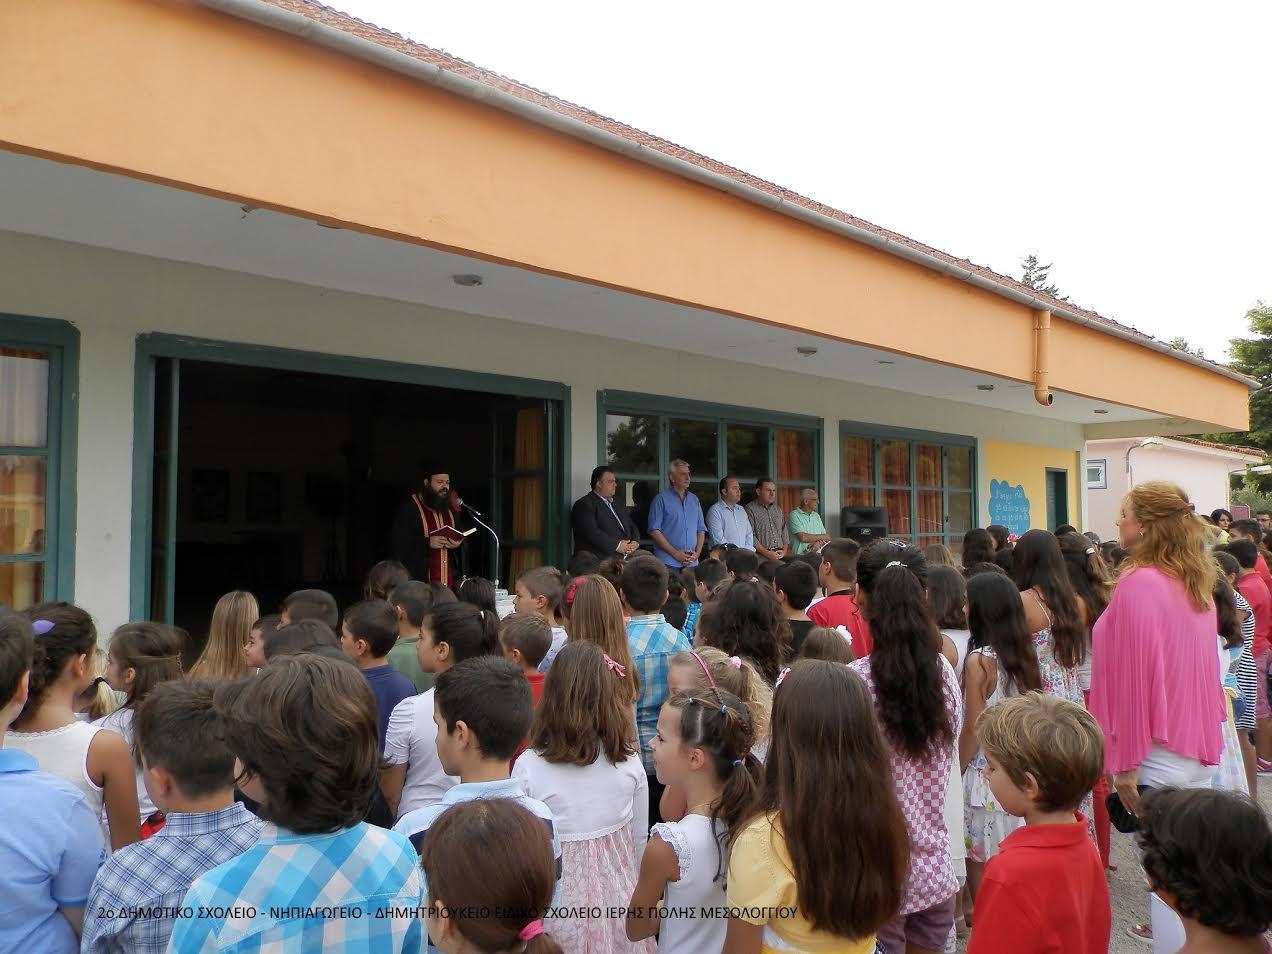 Έναρξη της νέας χρονιάς στα σχολεία του Δήμου Ιερής Πόλης Μεσολογγίου